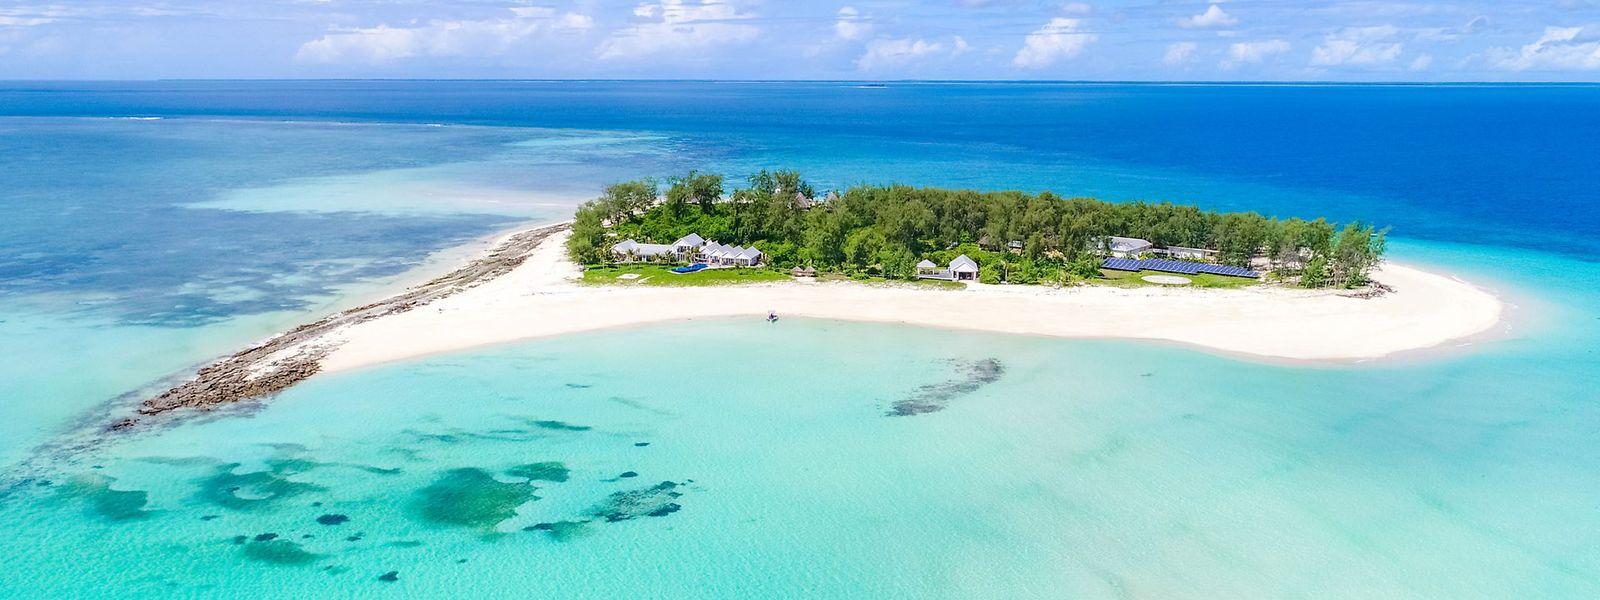 Die Miet-Insel Thanda Island in Tansania aus dem Angebot von Vladi Private Islands.